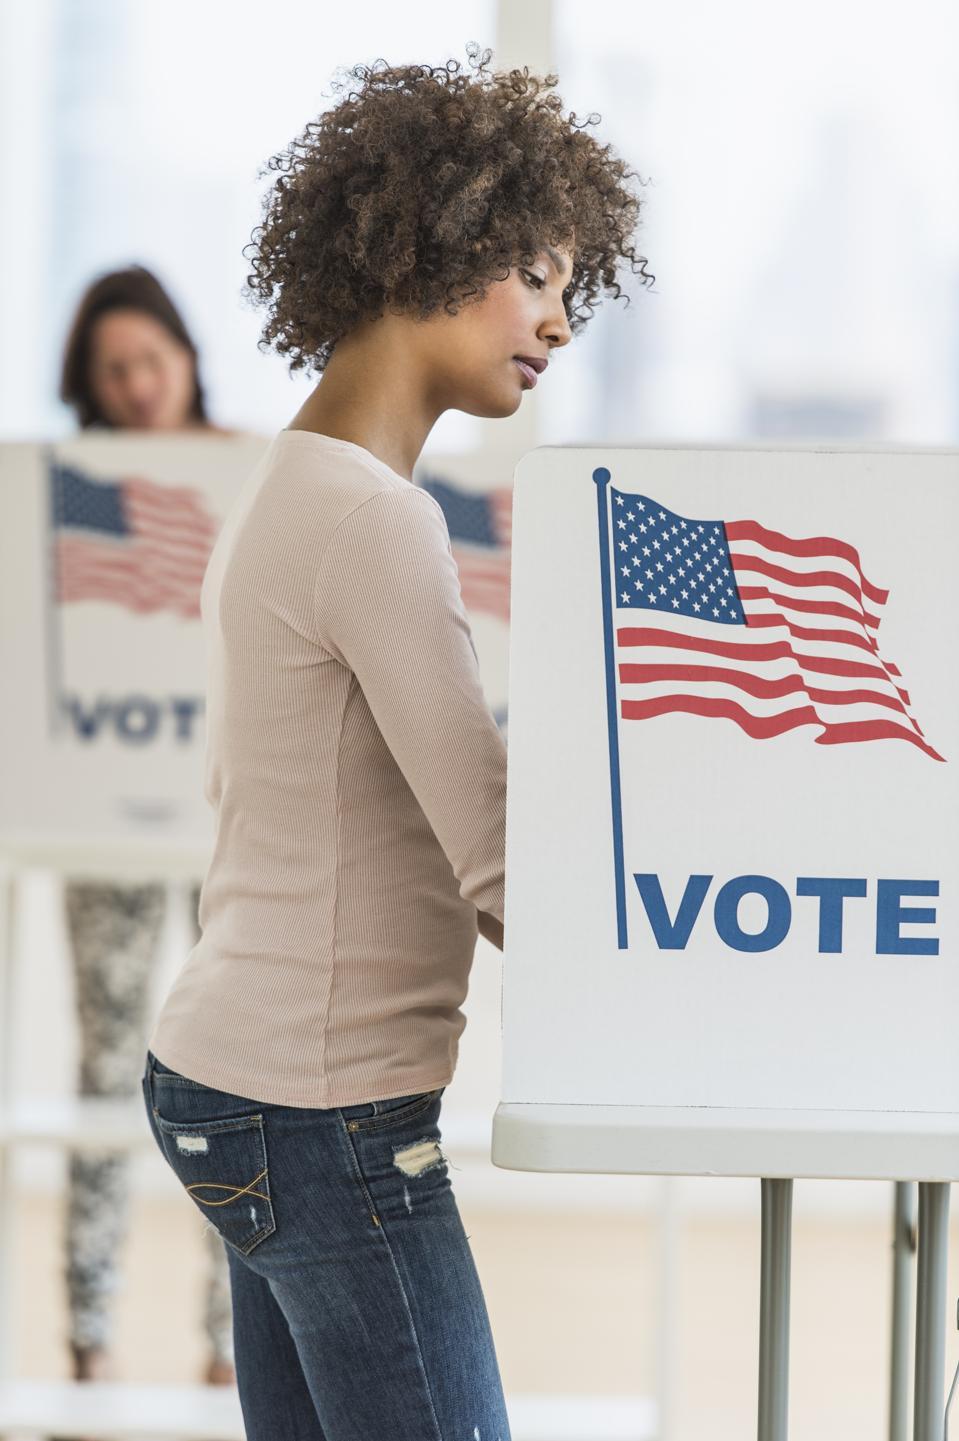 USA, New Jersey, Jersey City, kvinde i stemmerum